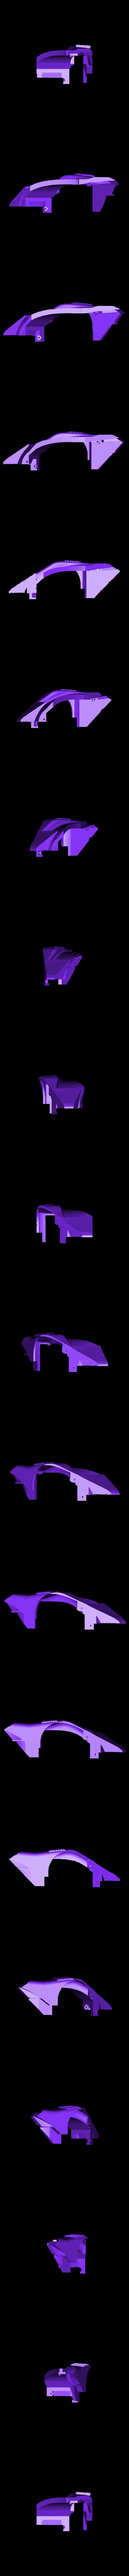 orange front right.stl Télécharger fichier STL gratuit 1991 Mazda 787B 3d Voiture RC imprimée de 1991 • Objet à imprimer en 3D, brett